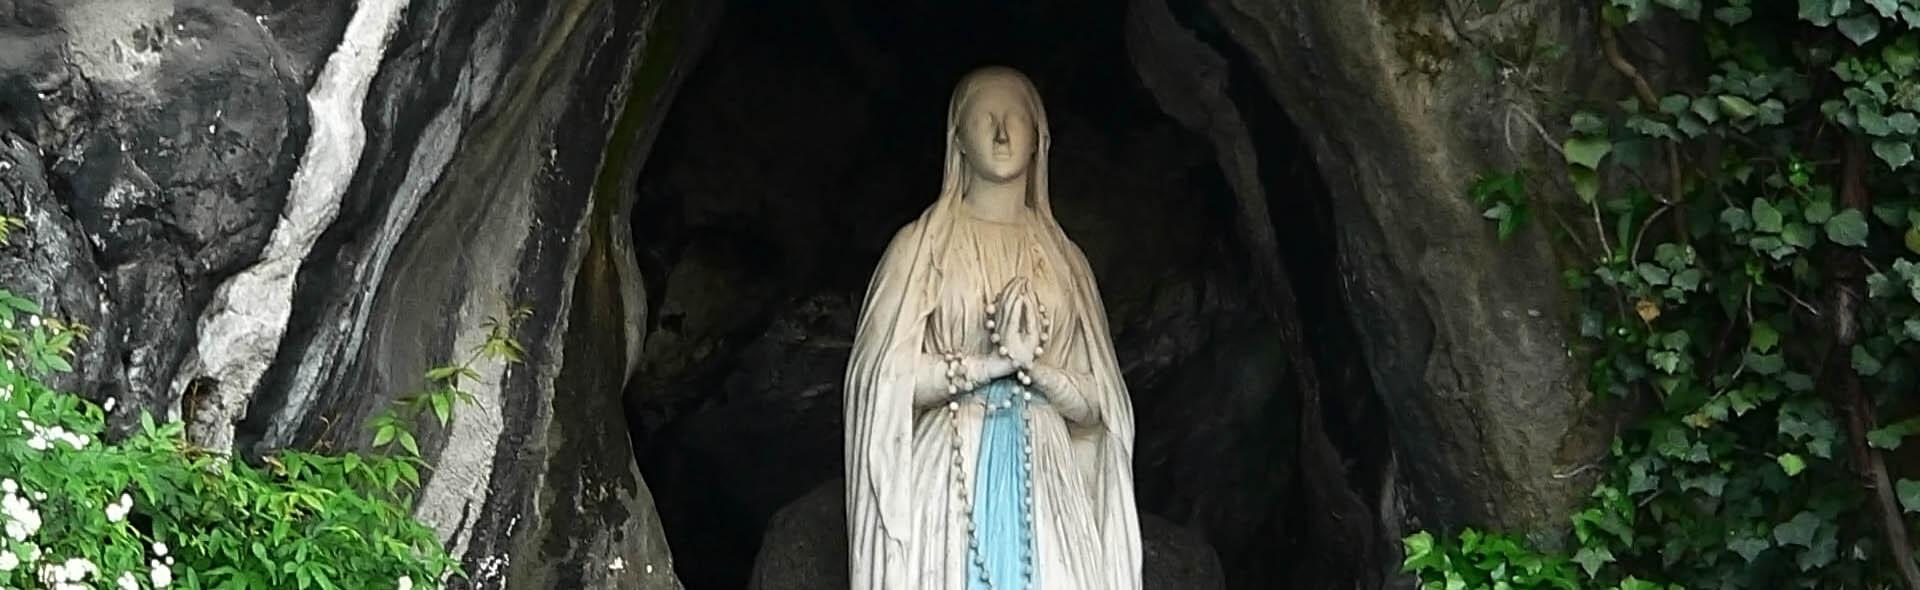 Viaggio a Lourdes in Aereo da Milano Immacolata